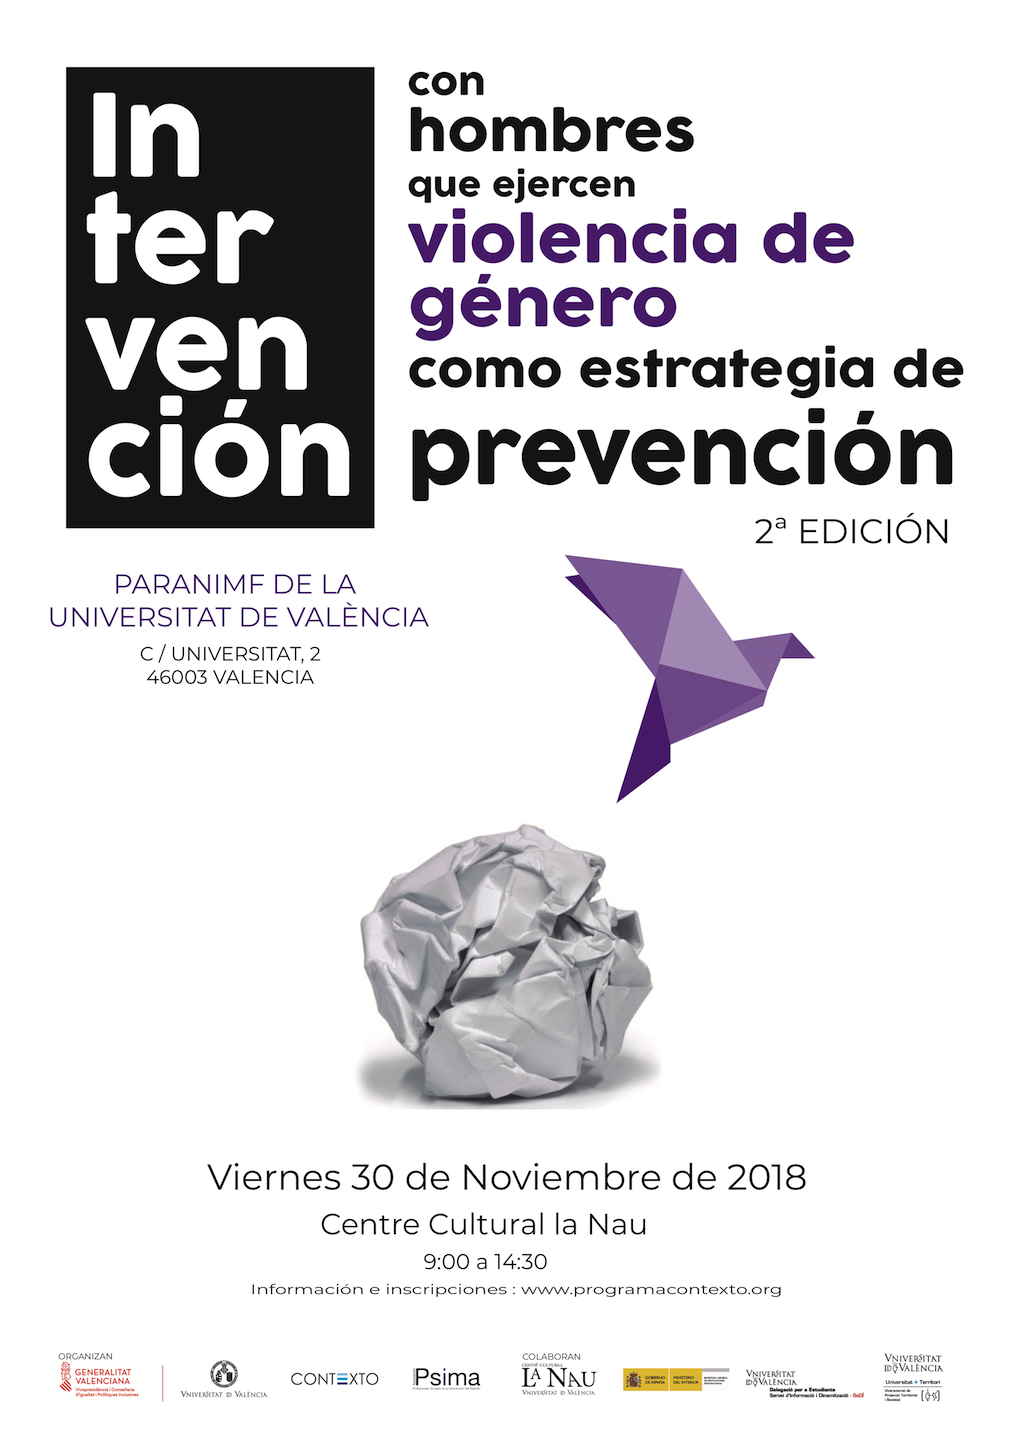 Imagen Jornada: Intervención con hombres que ejercen violencia de género como estrategia de prevención (2ª Edición)